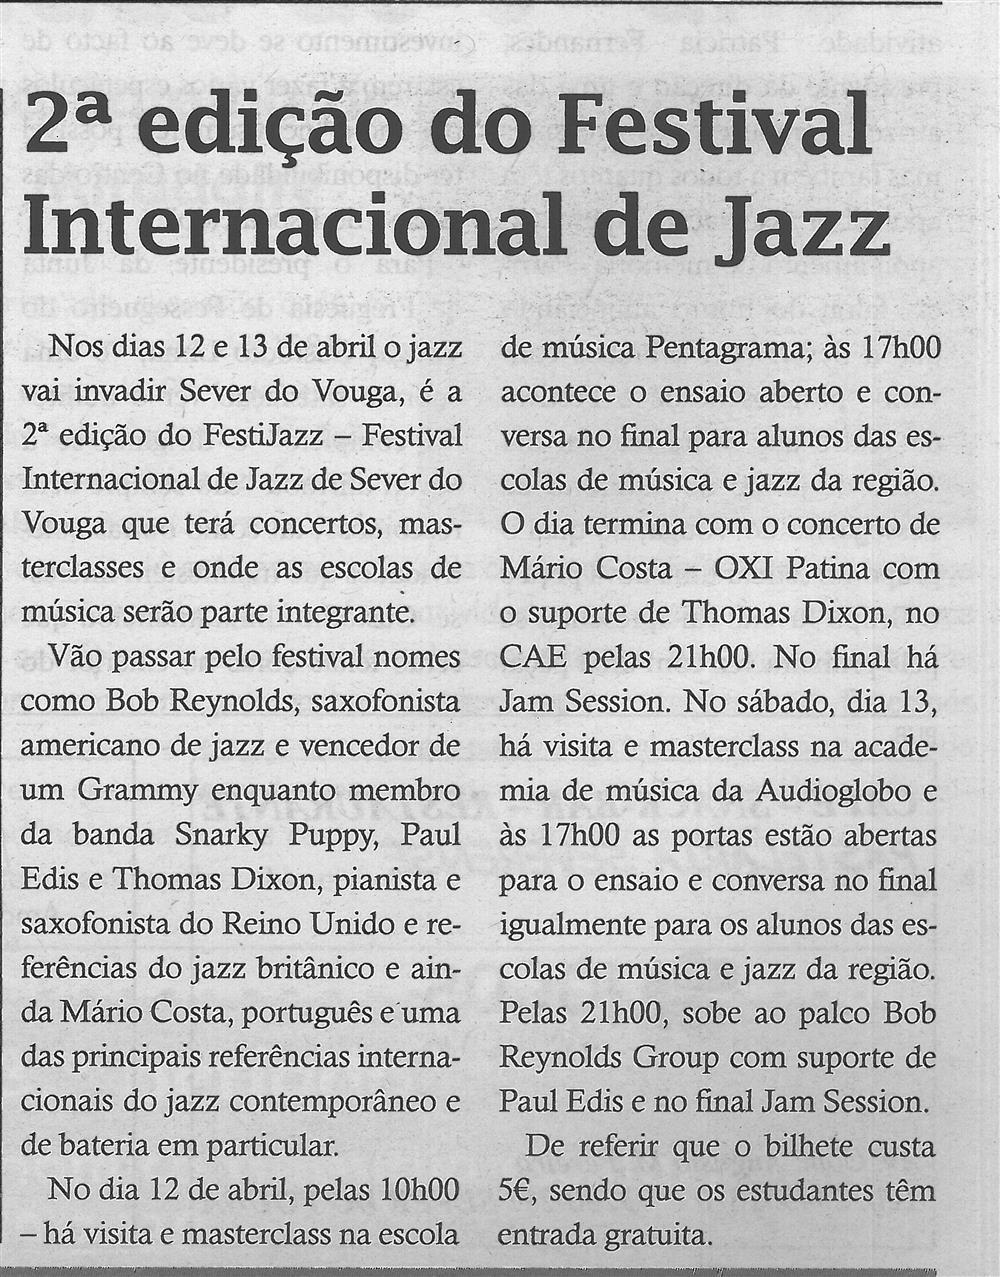 TV-abr.'19-p.7-2.ª edição do Festival Internacional de Jazz.jpg